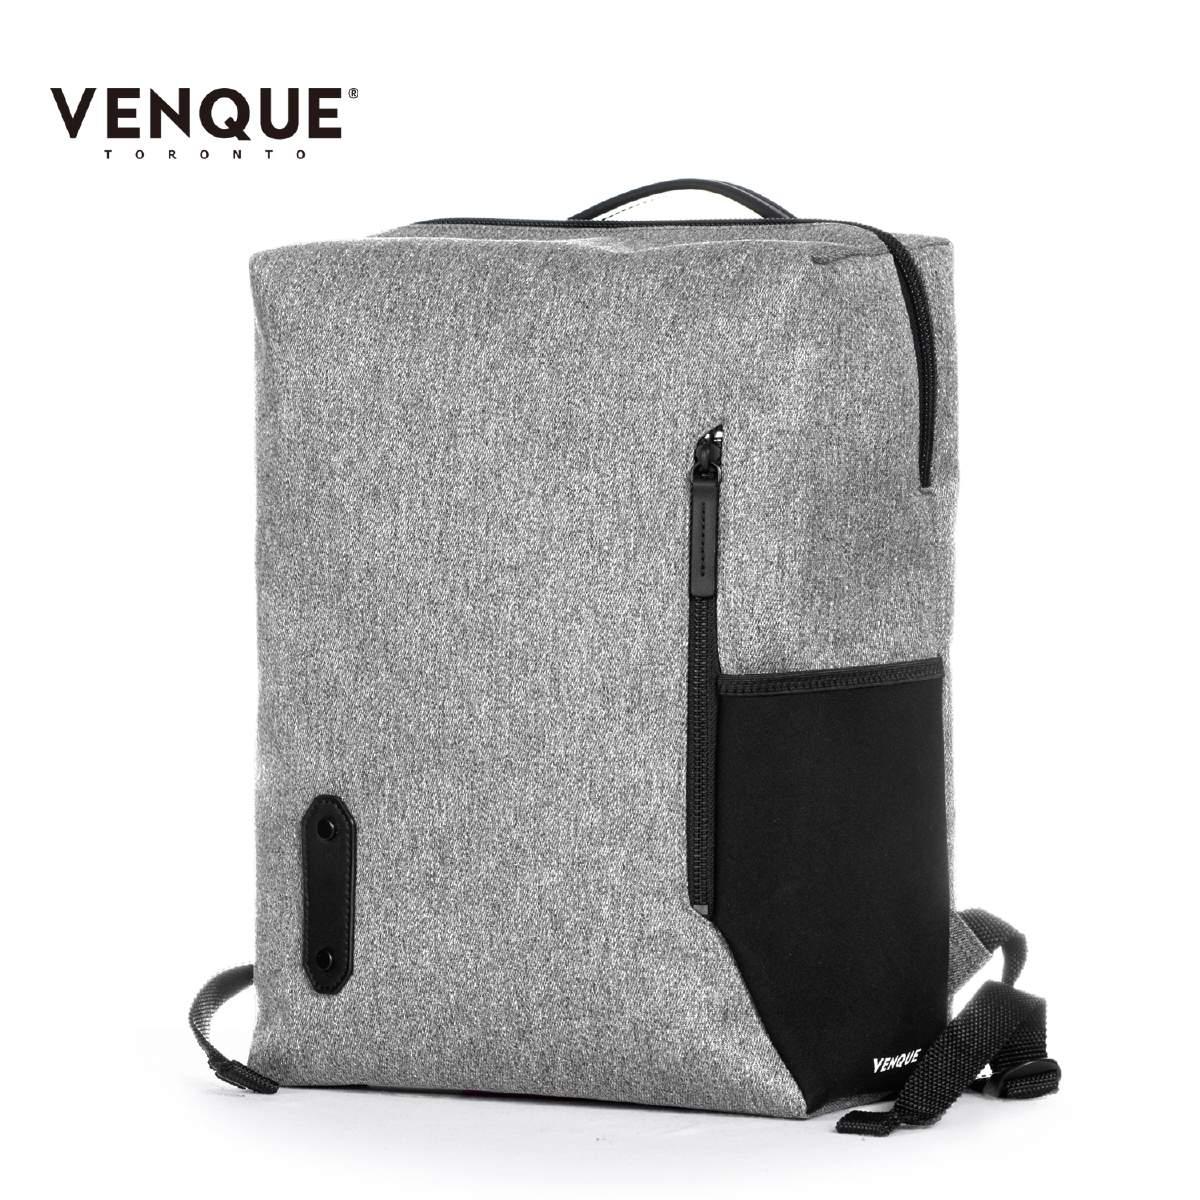 【店内全品ポイント5倍】VENQUE ヴェンク THE BOX バックパック メンズ/レディース グレー OS